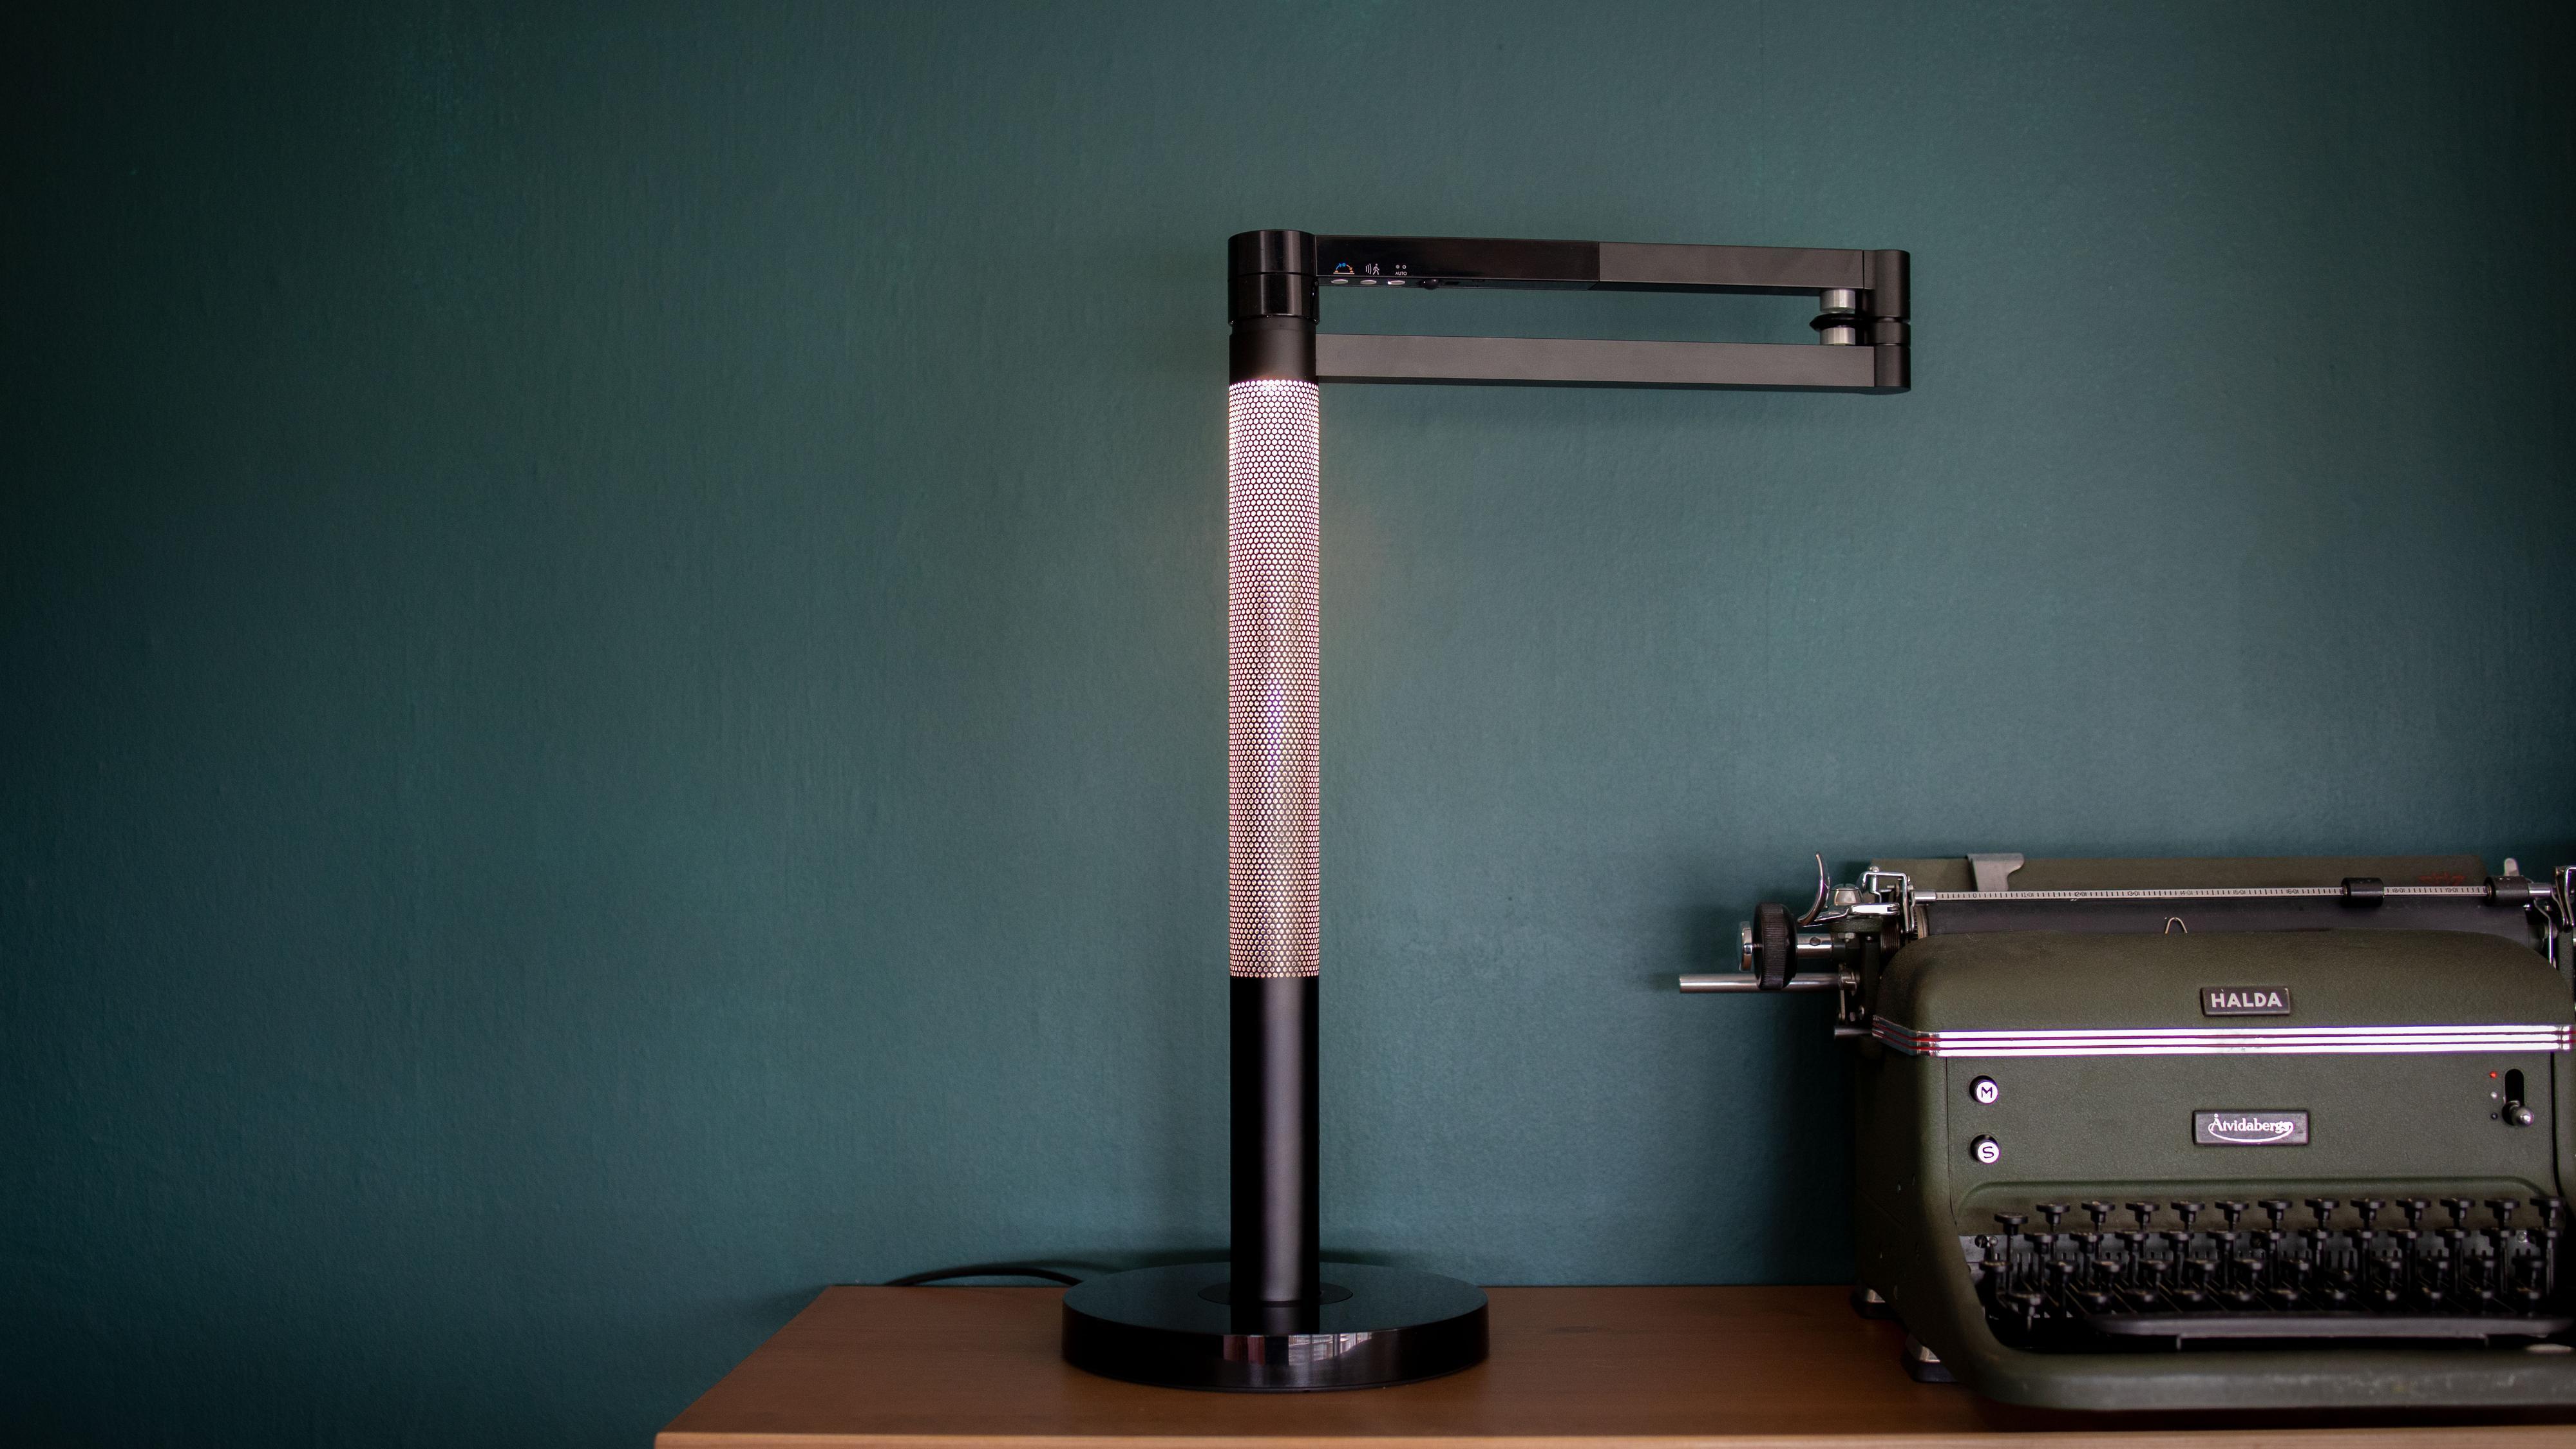 Setter man lampehodet inn i hovedrøret, lyser den opp hele den perforerte sylinderen.